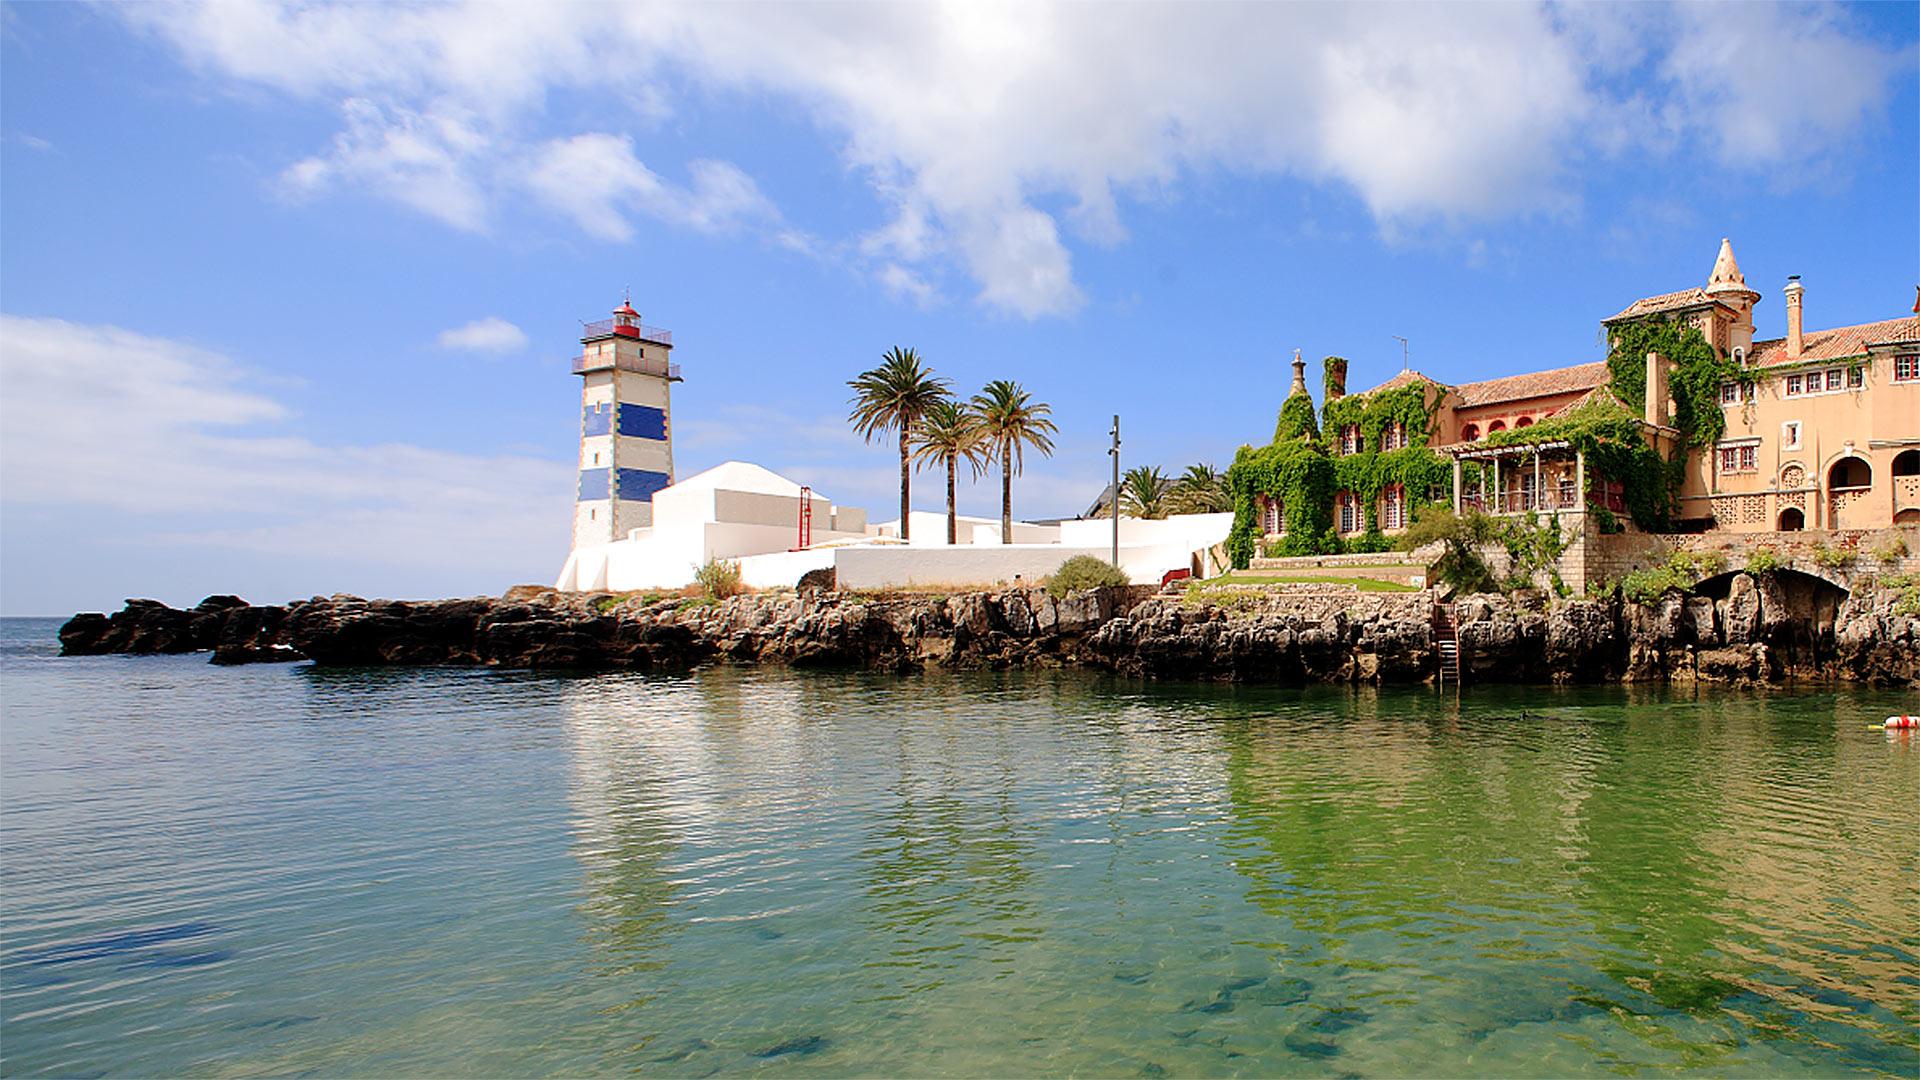 House of Santa Maria and Santa Marta Lighthouse Museum, Cascais / Cascais / Turismo Cascais